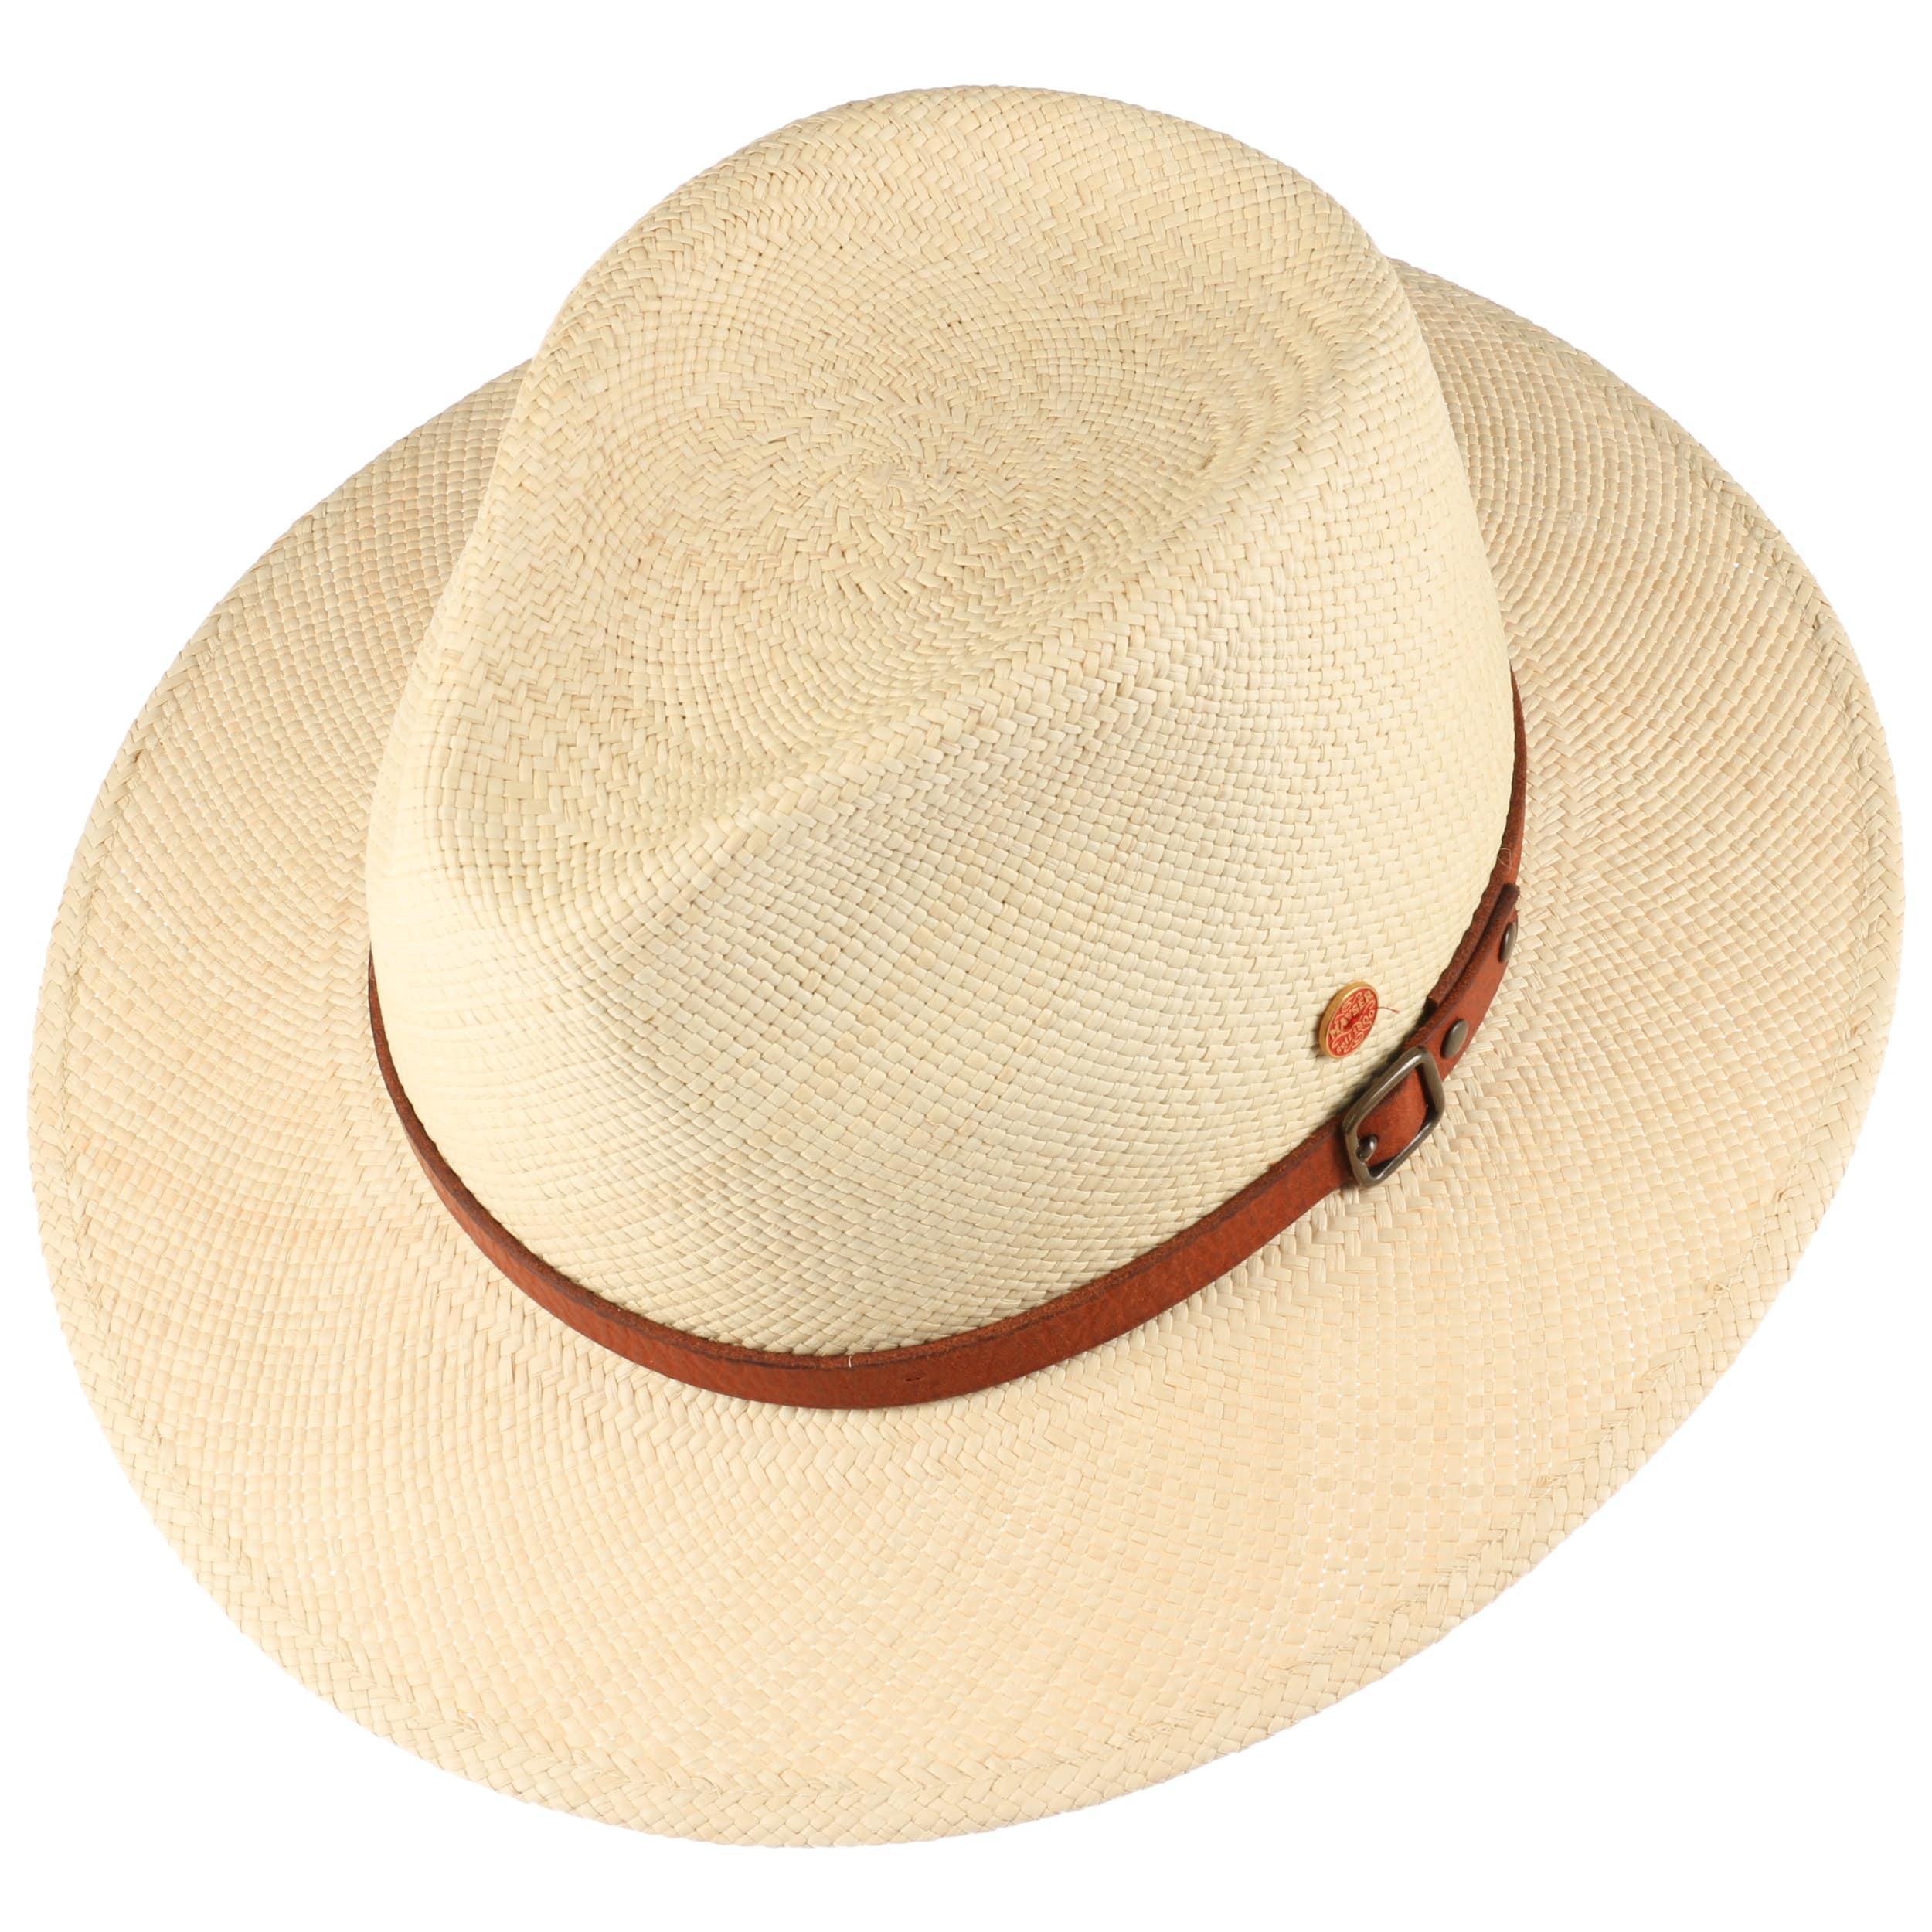 Chapeau Menton Paille Panama Mayser chapeau de soleil soleil